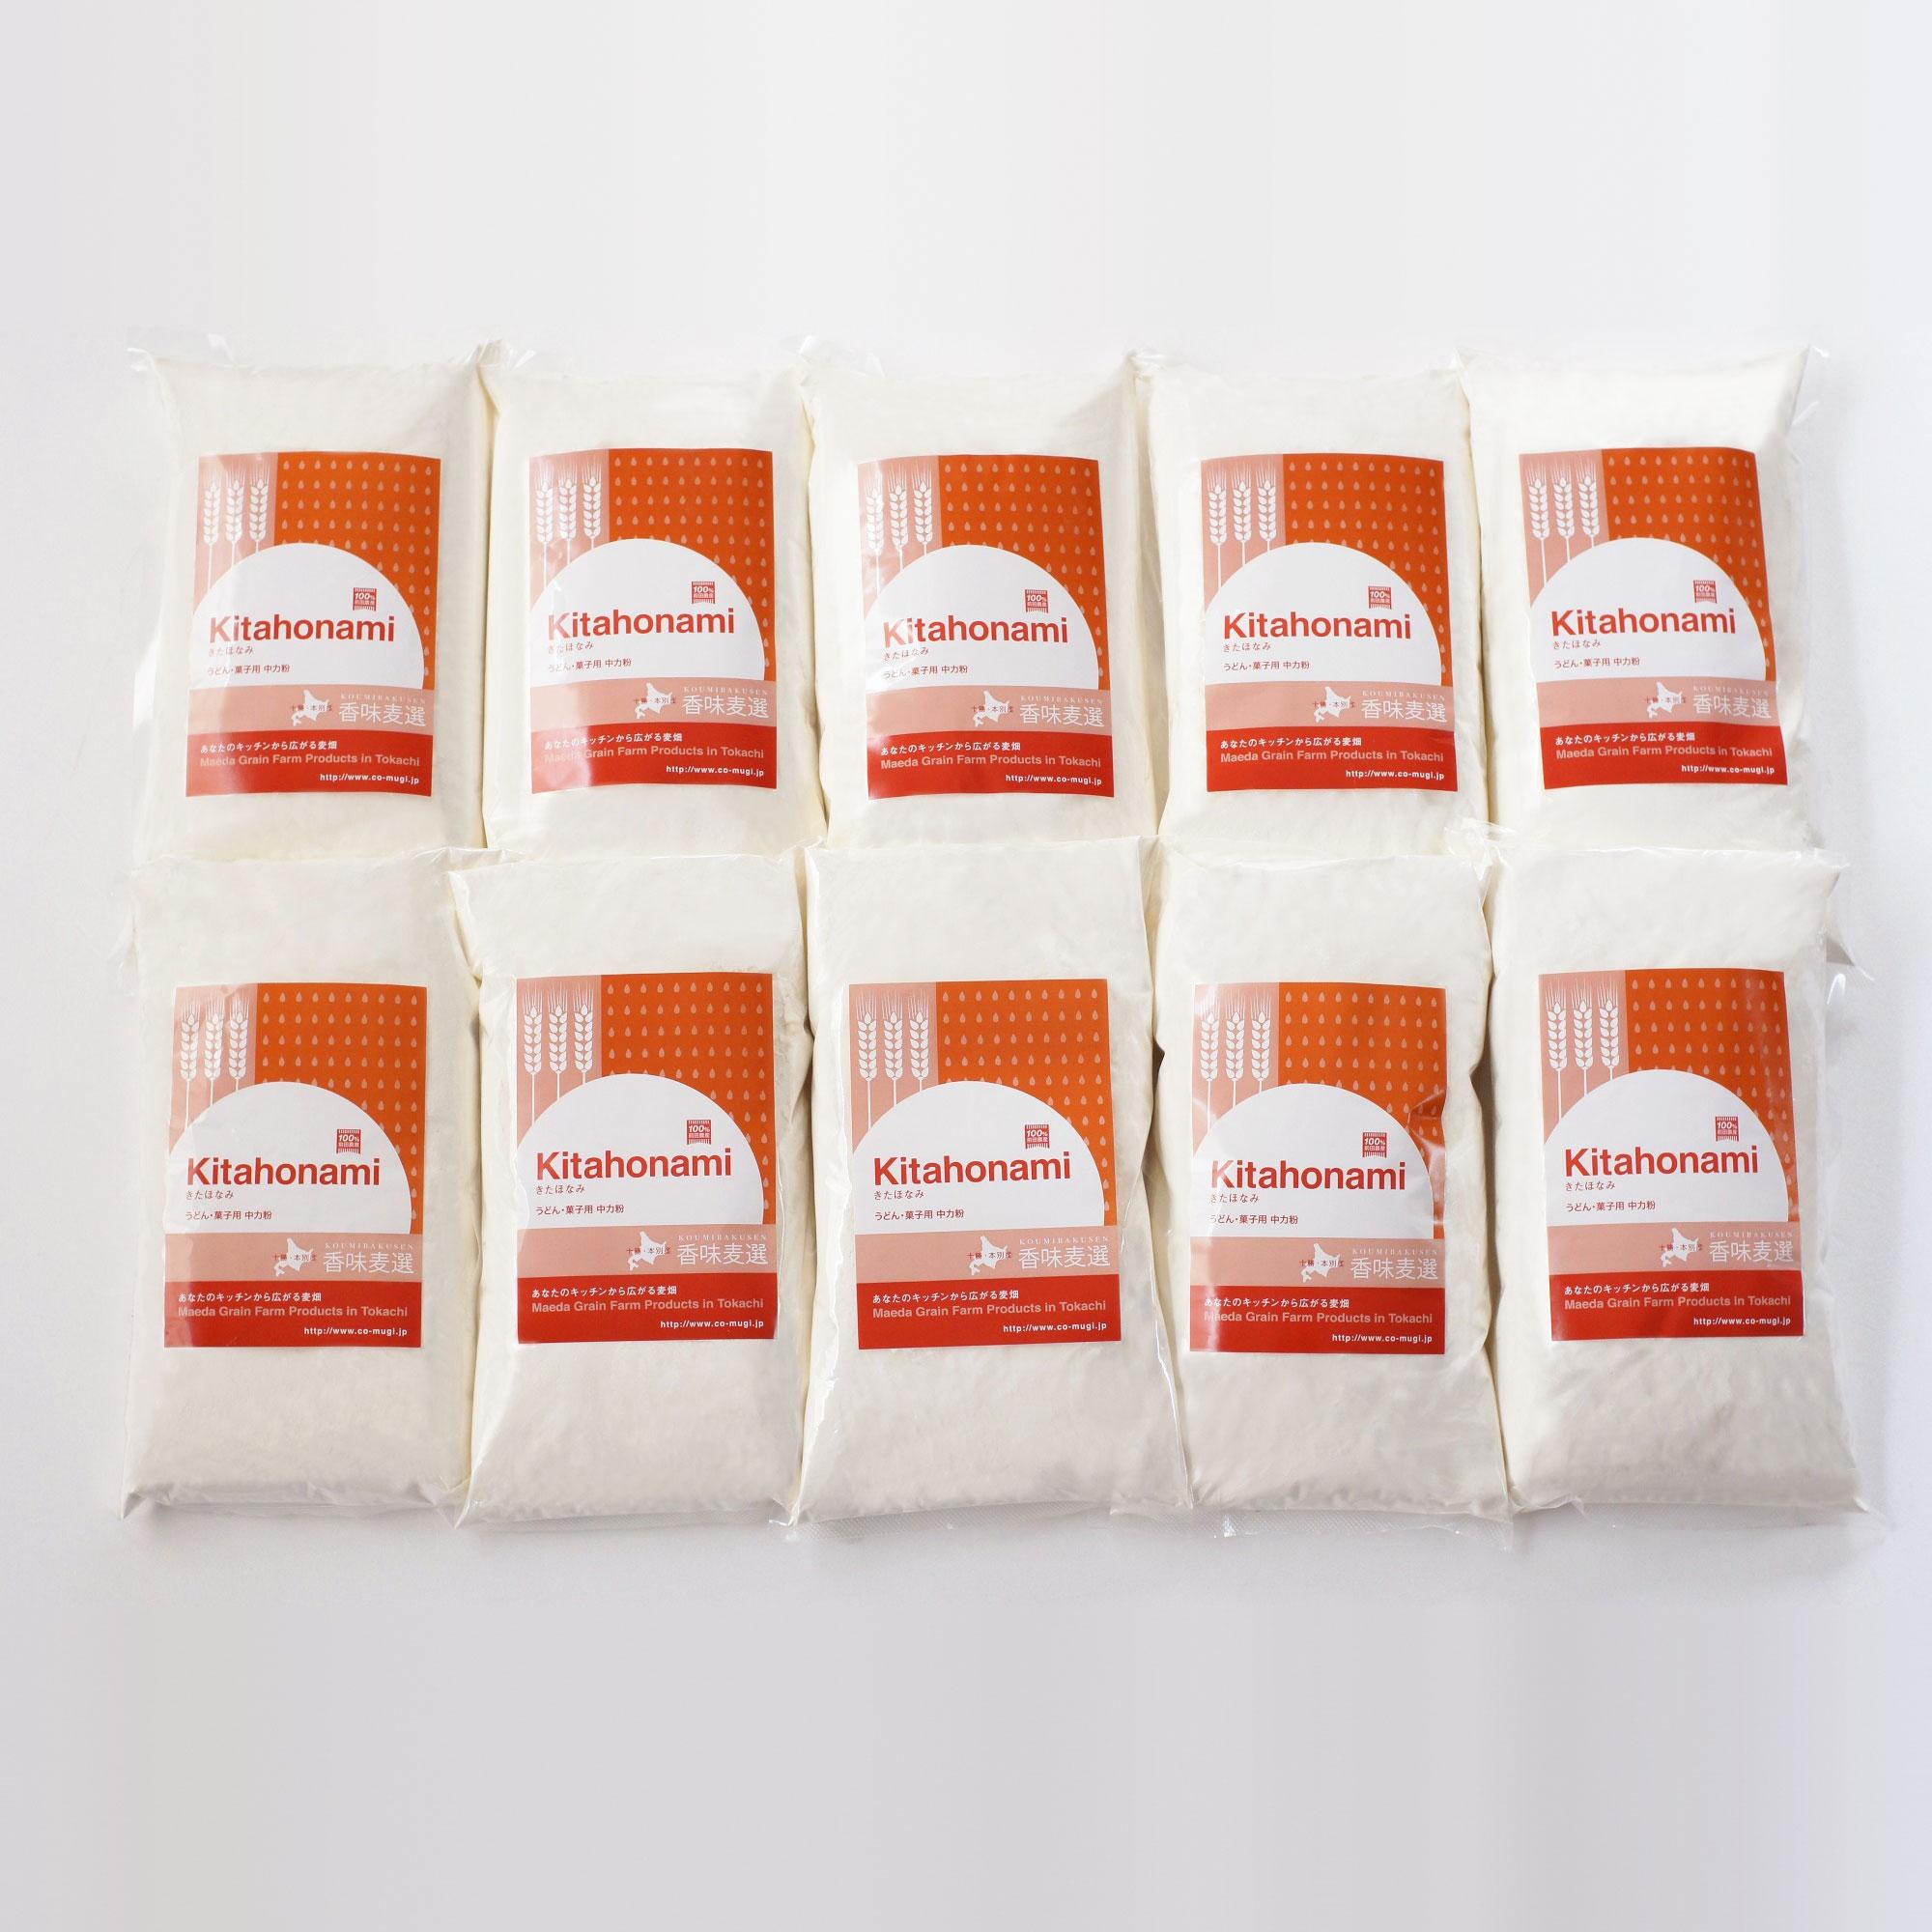 【送料込】【前田農産の十勝・ほんべつ町産100%小麦粉】キタノカオリ1KG 10袋セット